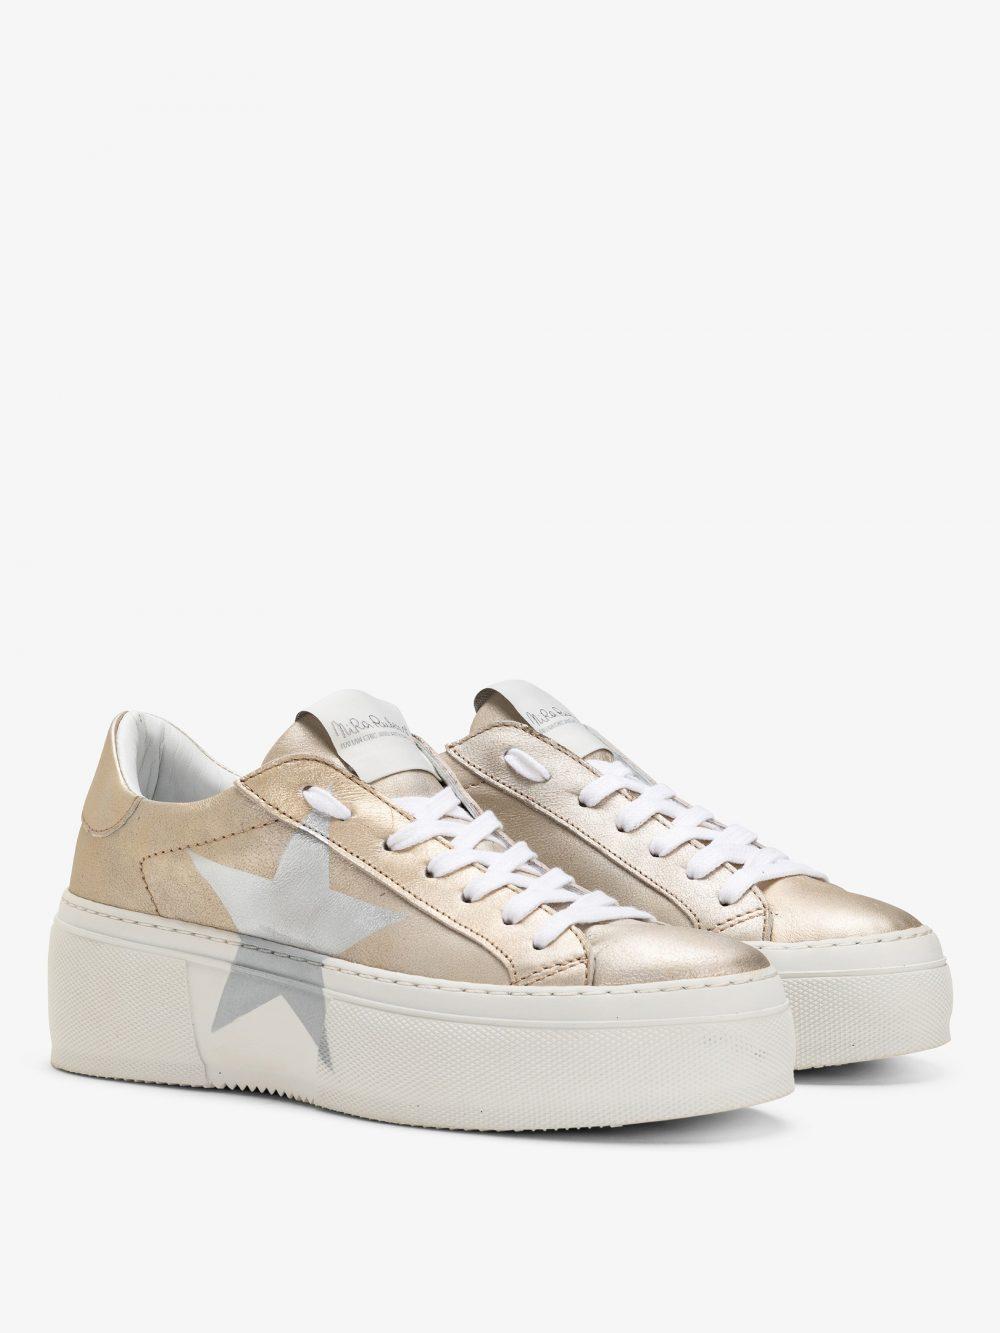 sneakers-oro-suola-oversize-mimosa-cometa-stella